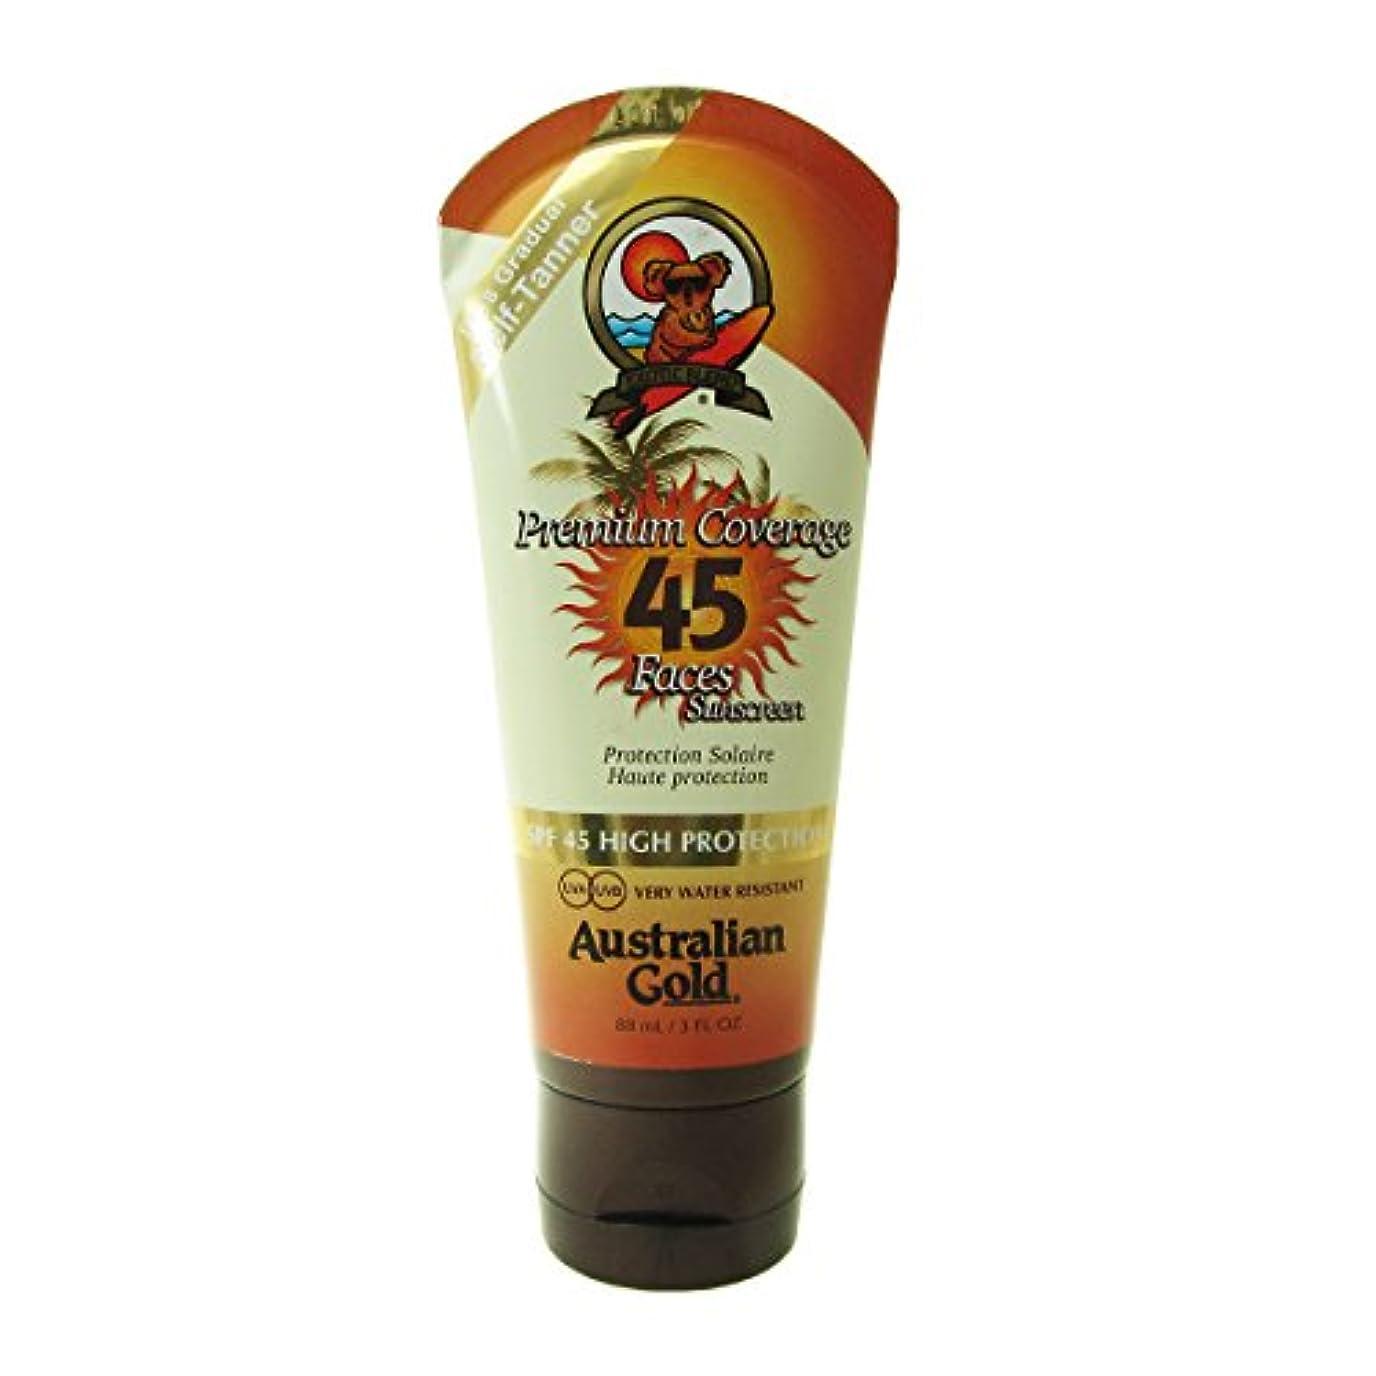 ずるい巻き取りペグAustralian Gold Sunscreen Spf 45 With Self-tanner 88ml [並行輸入品]